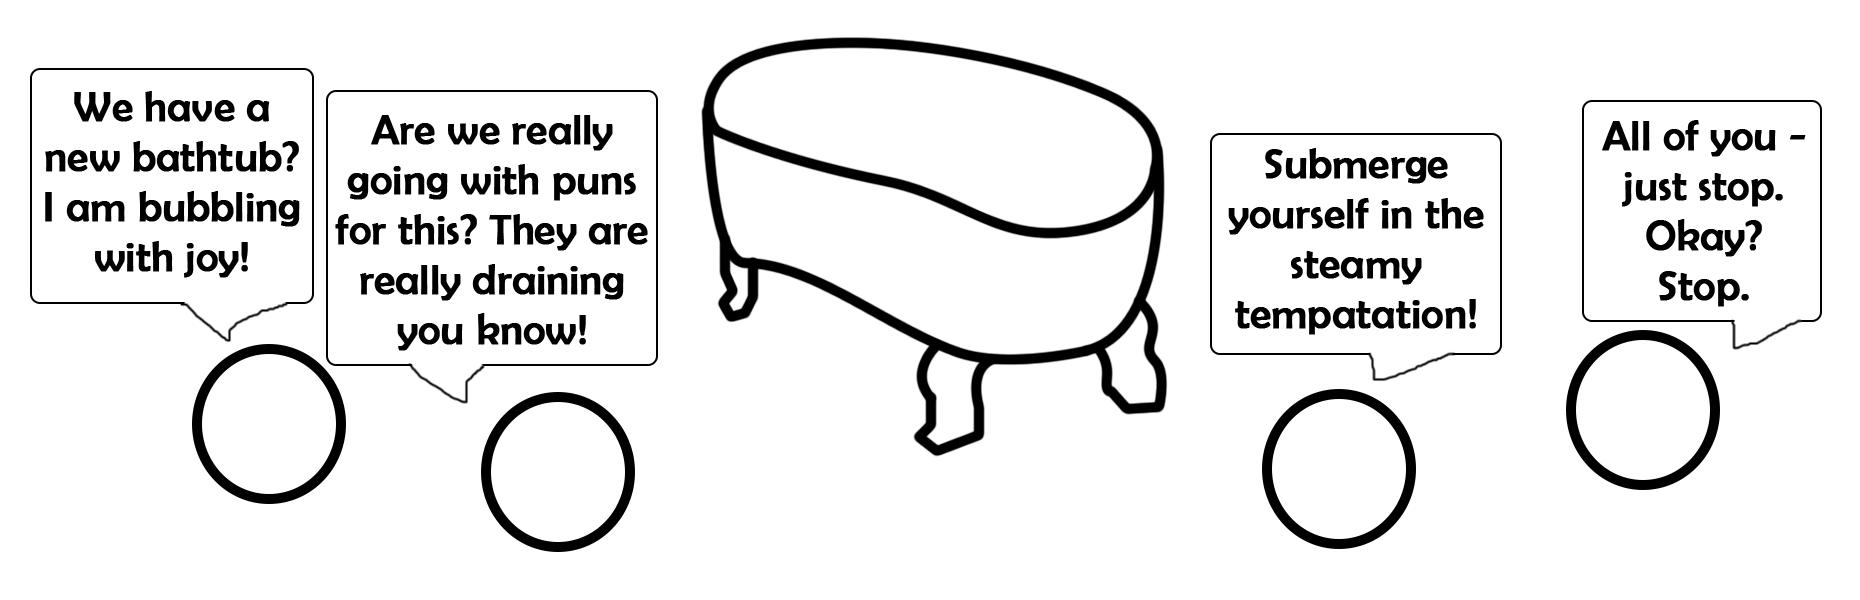 nov2013_bathtub